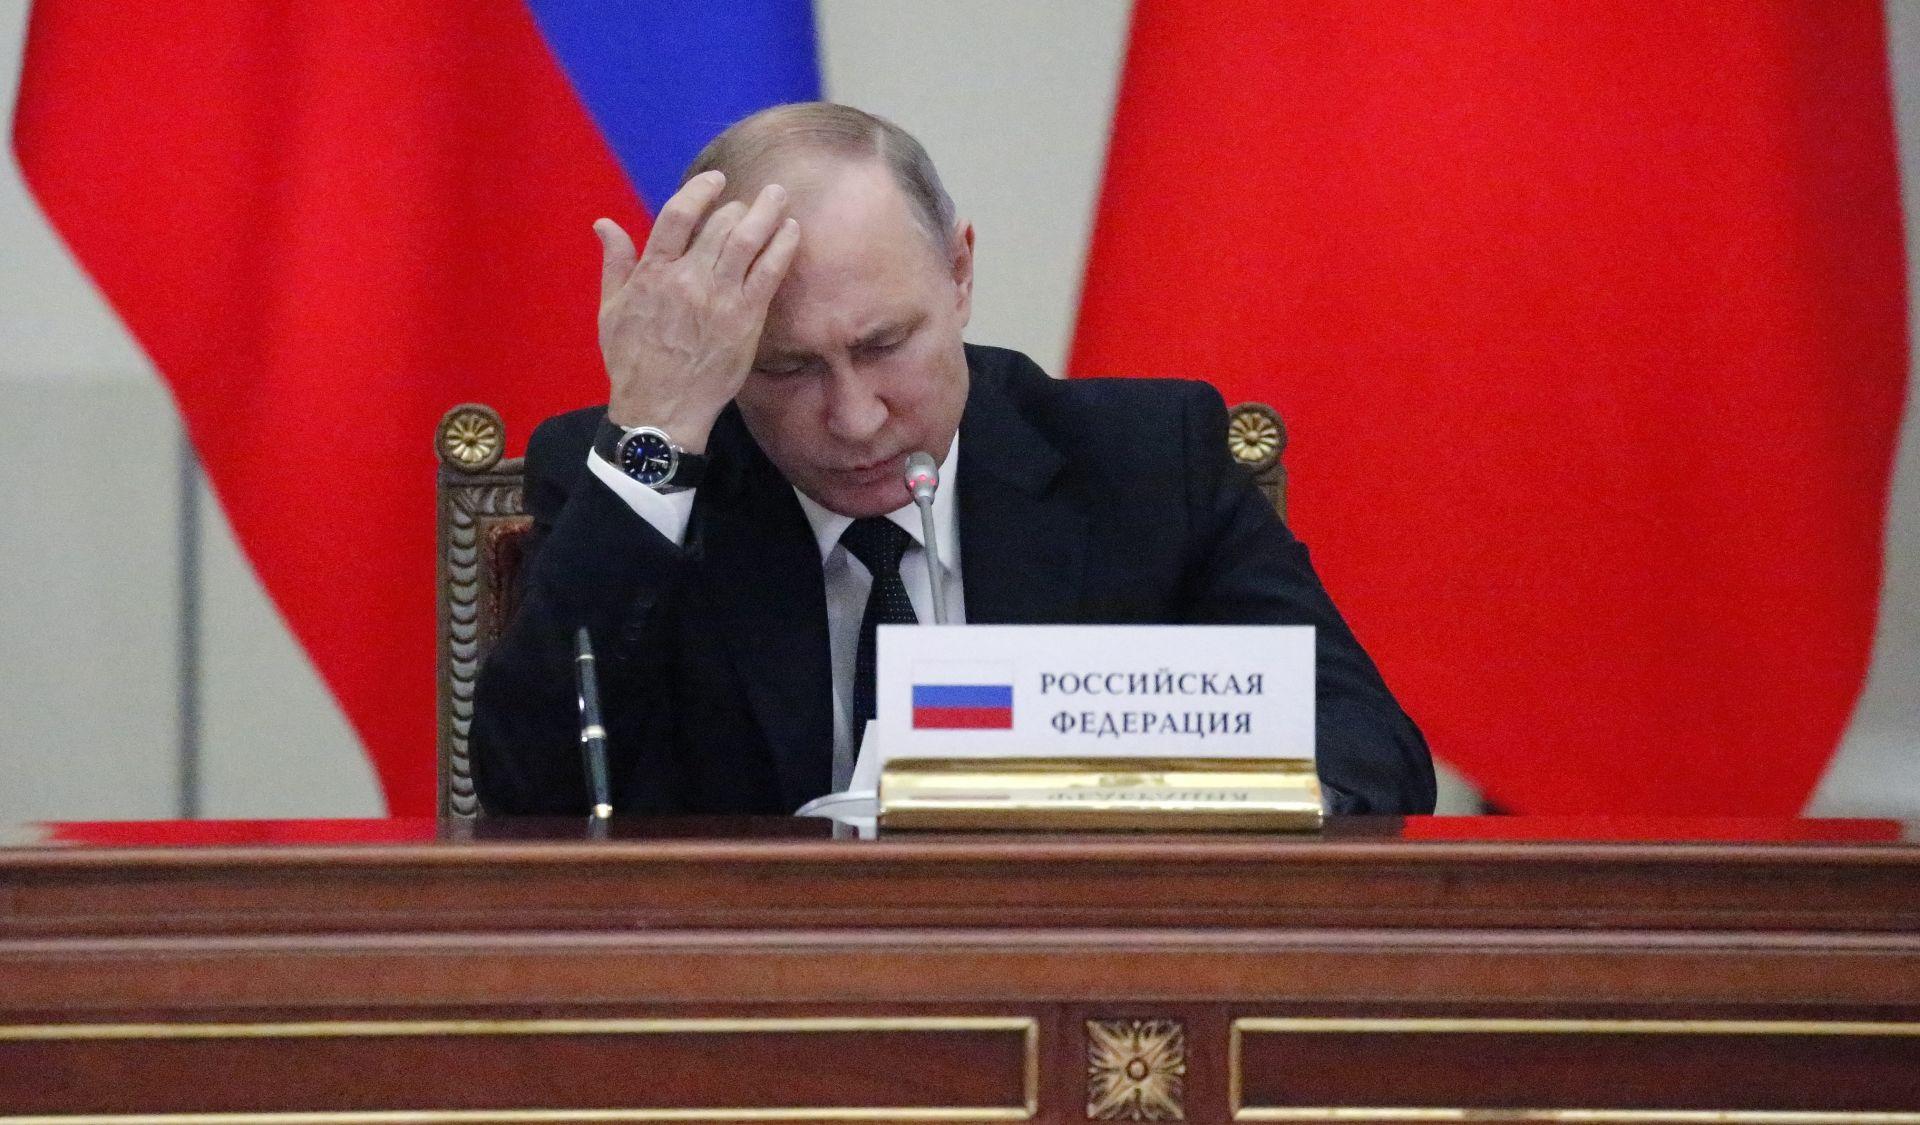 Turska i Rusija dogovaraju se o budućnosti 'suverene' Sirije